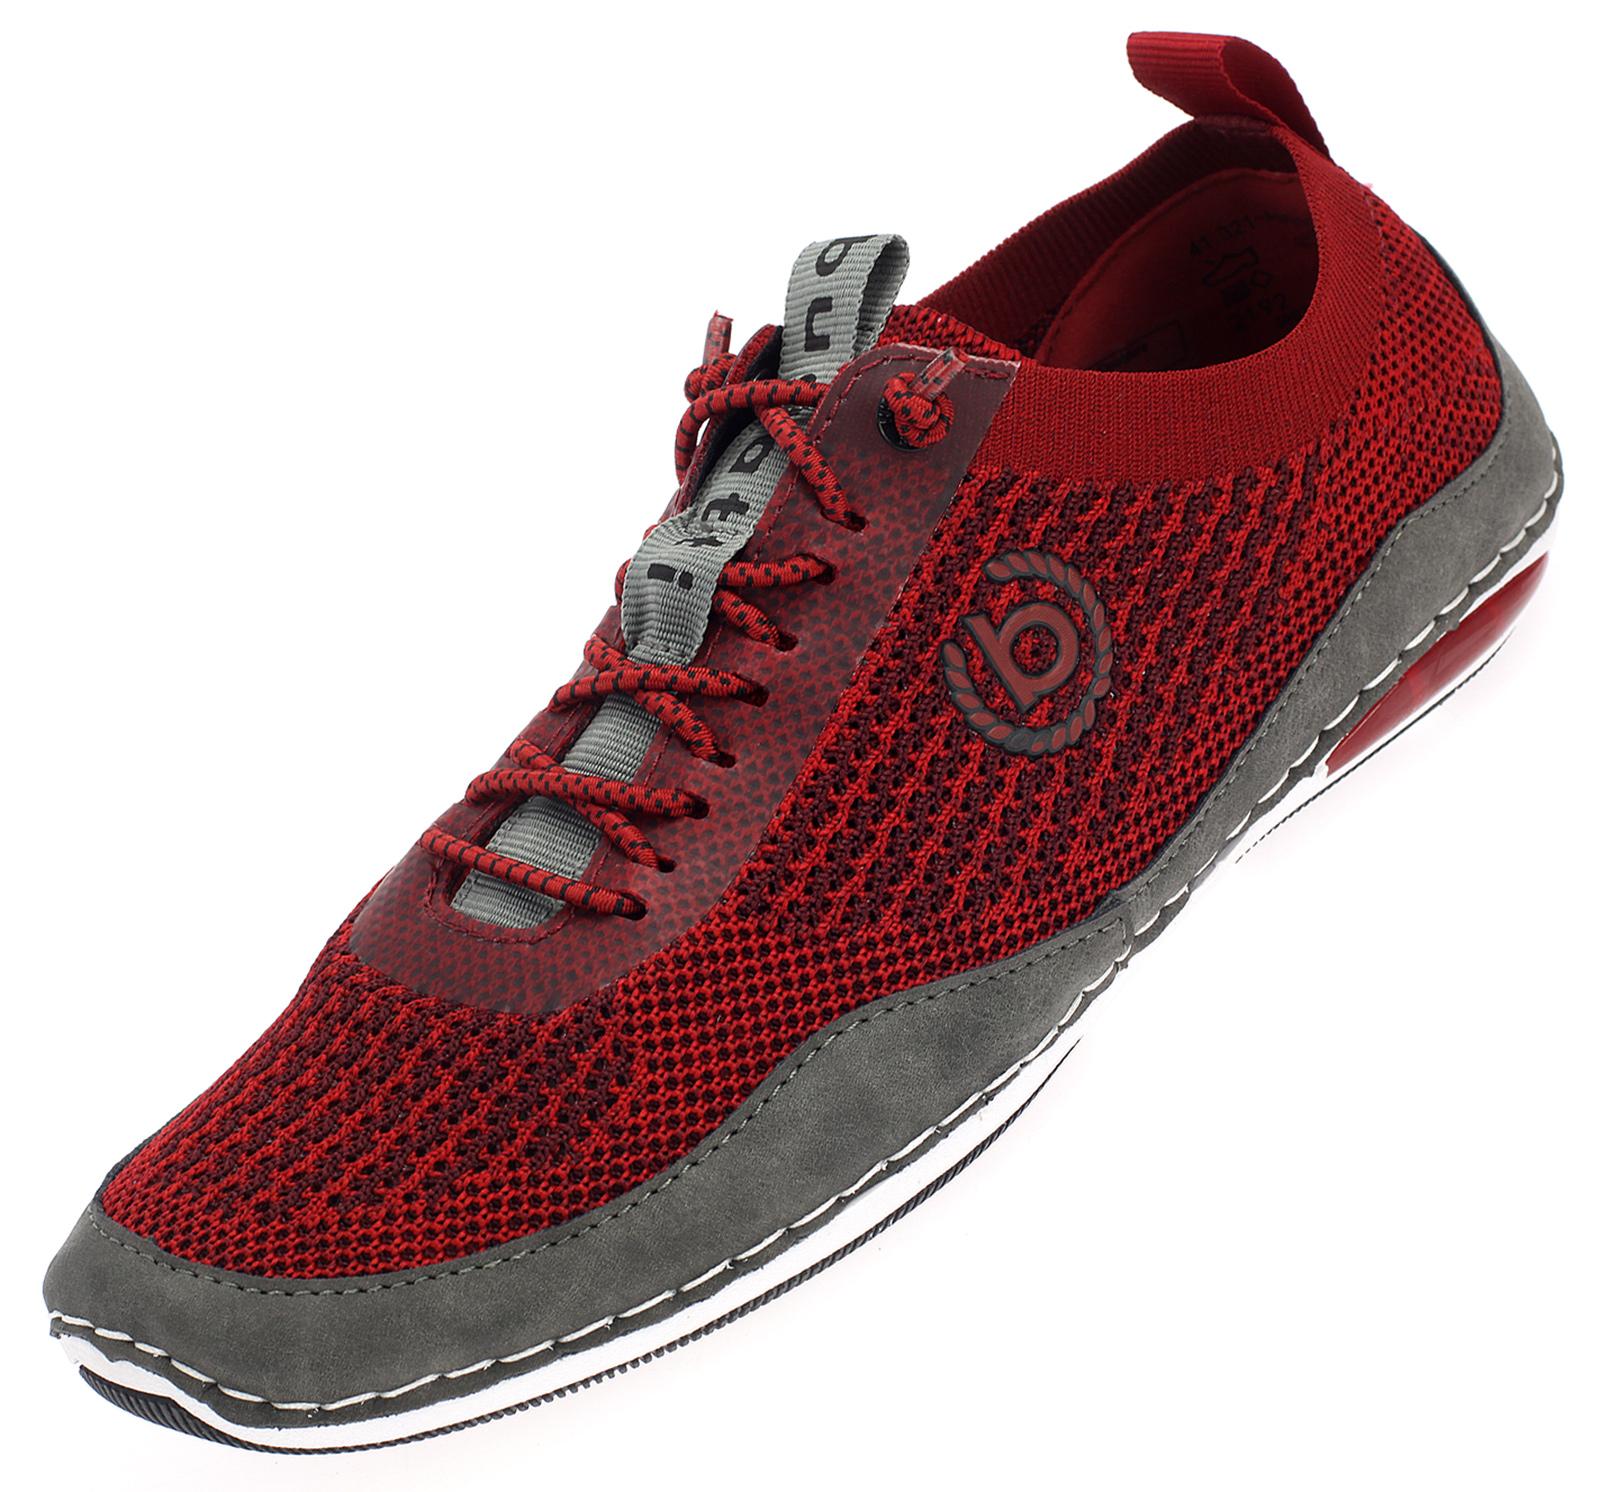 Bugatti Herren Sneaker Slipper Freizeit Schuhe Sommer Halbschuhe weiß rot